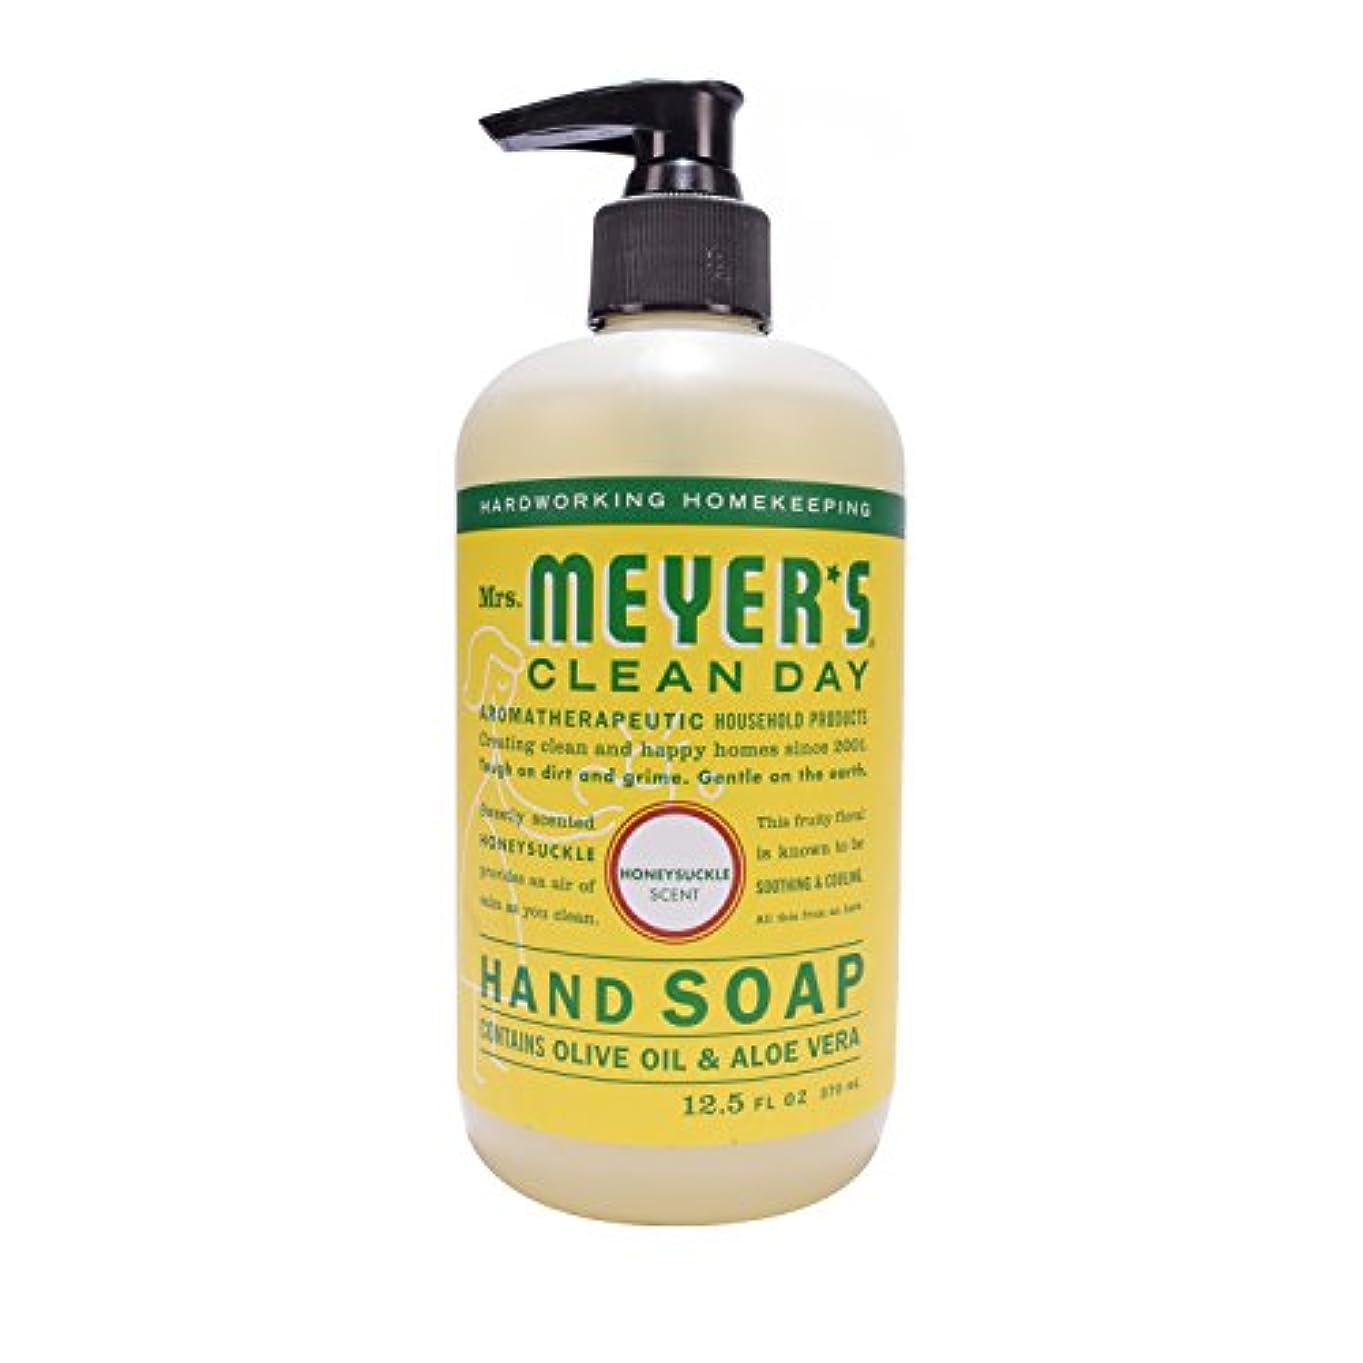 進捗イソギンチャク薬剤師Mrs. Meyer's Clean Day Hand Soap Liquid, Honeysuckle, 12.5-Fluid Ounce Bottles by Mrs. Meyer's Clean Day